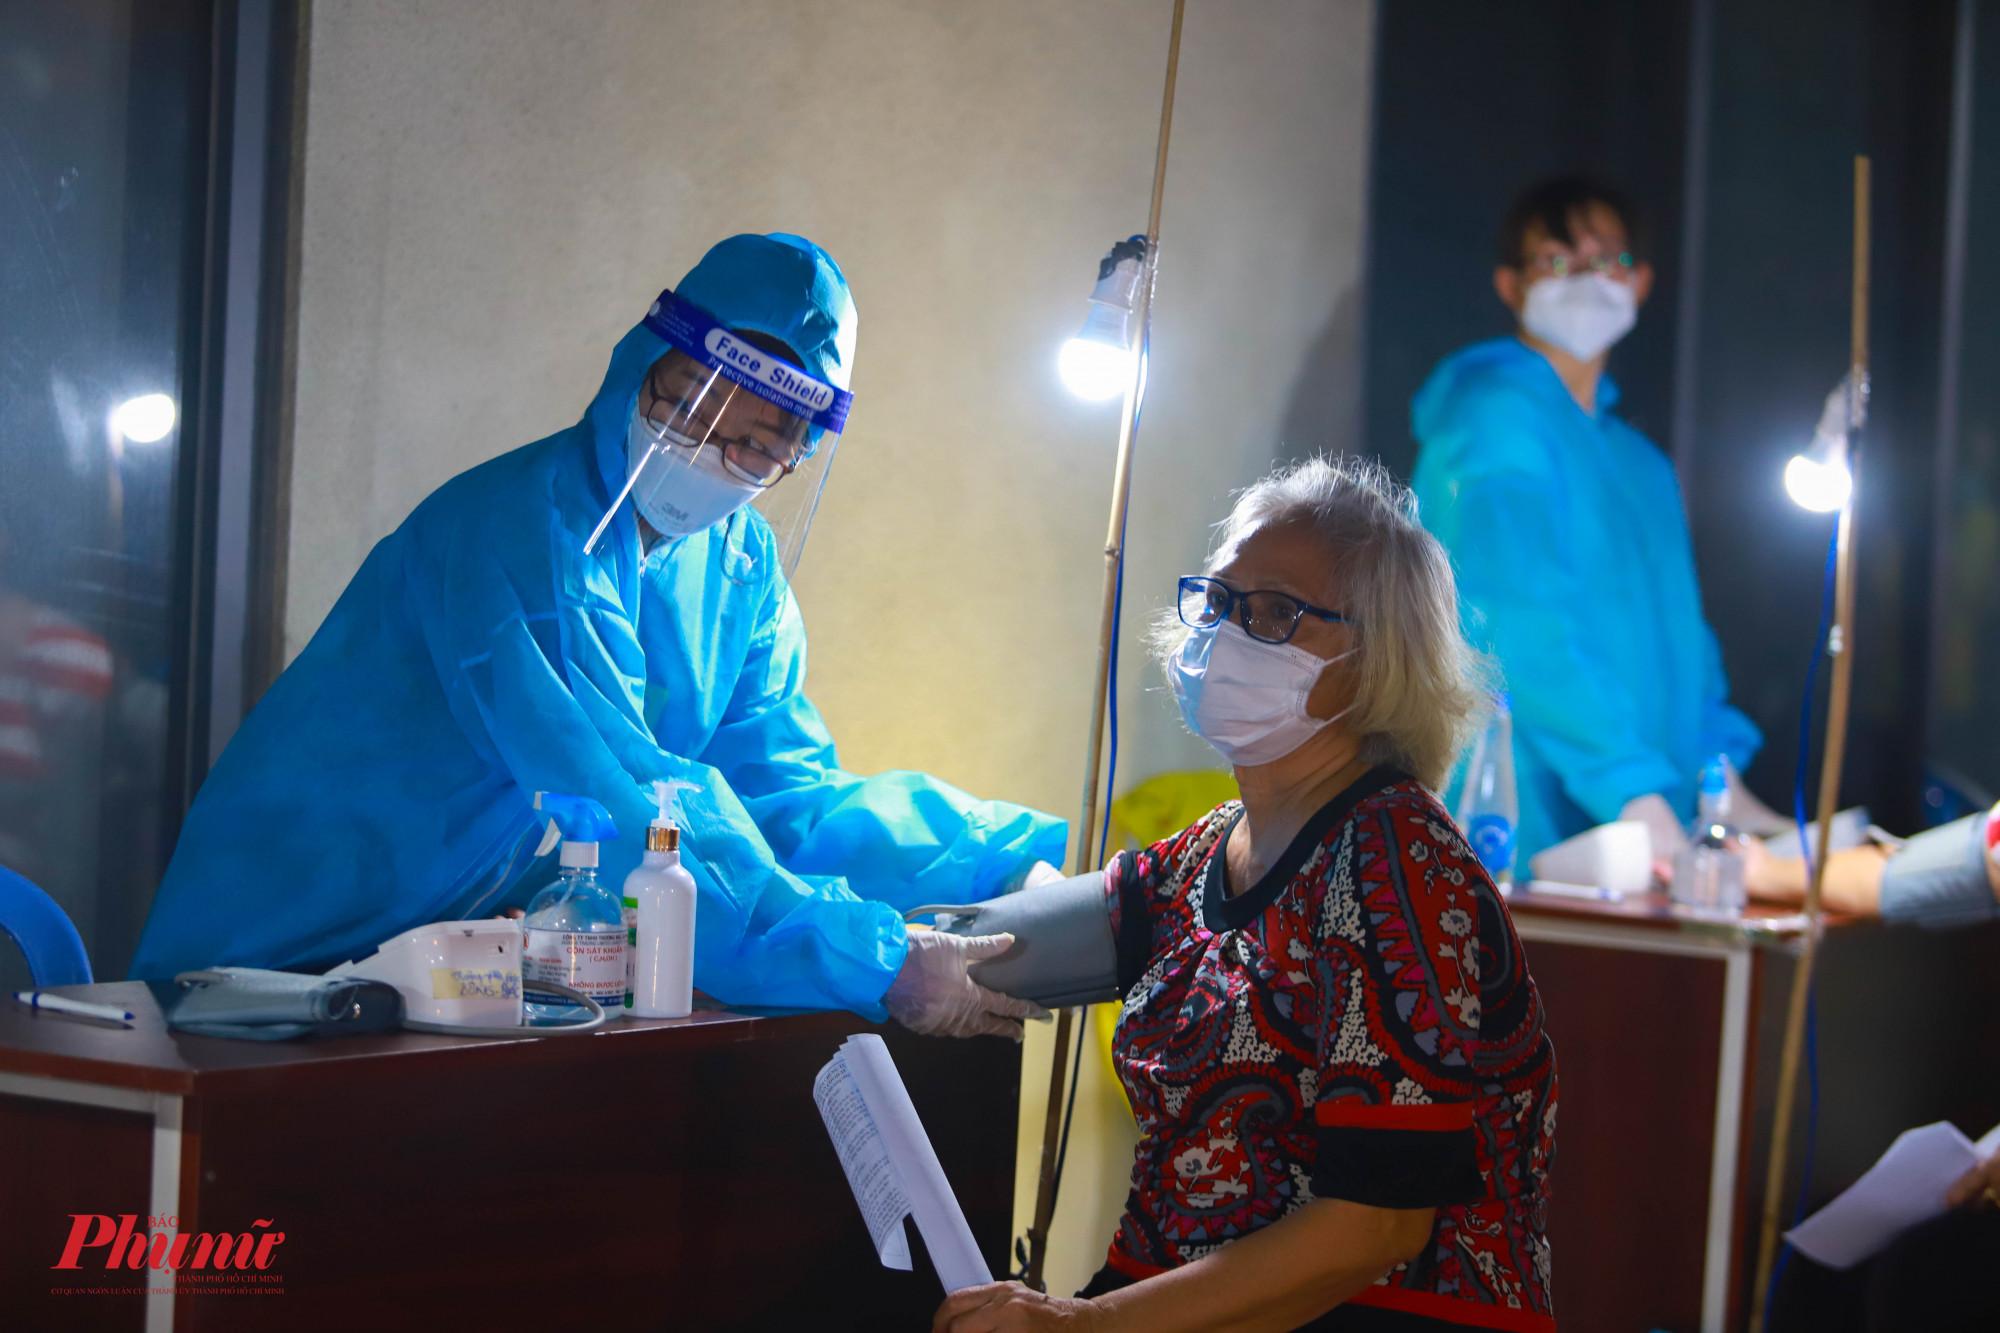 Tỗi 5/8, đối tượng tiêm chủng tại điểm tiêm chung cư Giai Việt là người trên 65 tuổi và người có bệnh nền